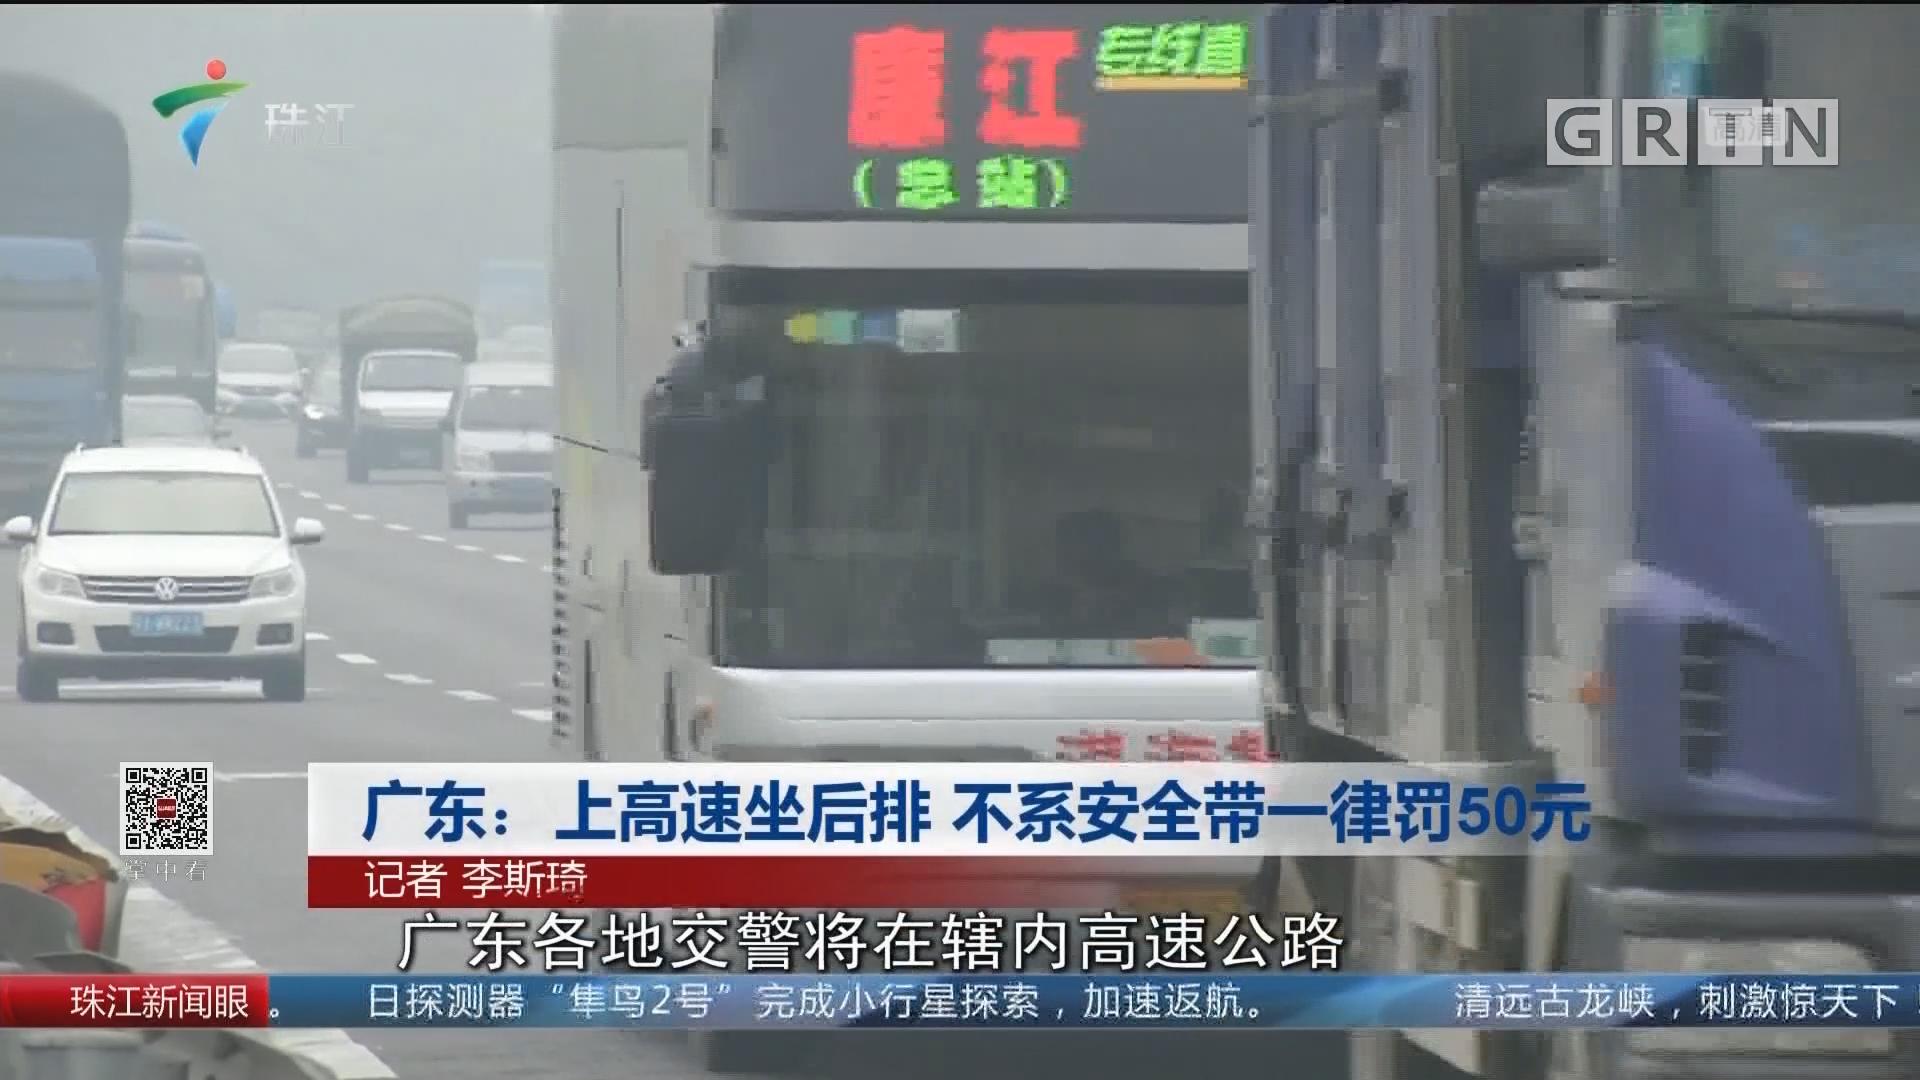 广东:上高速坐后排 不系安全带一律罚50元